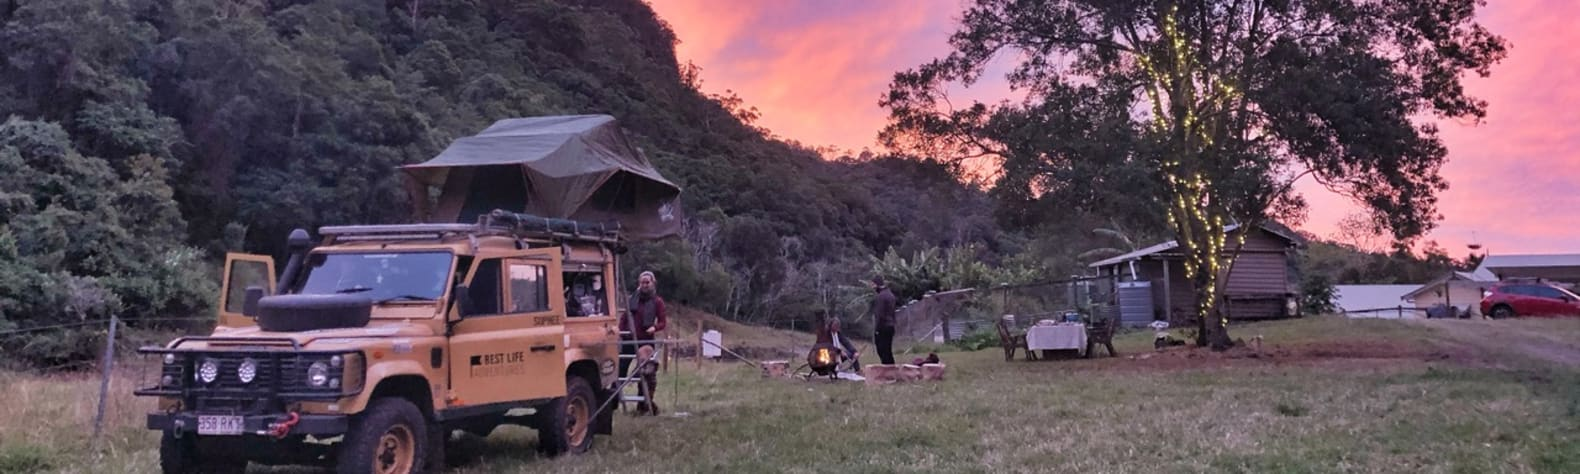 Jandarra, Tallebudgera Valley